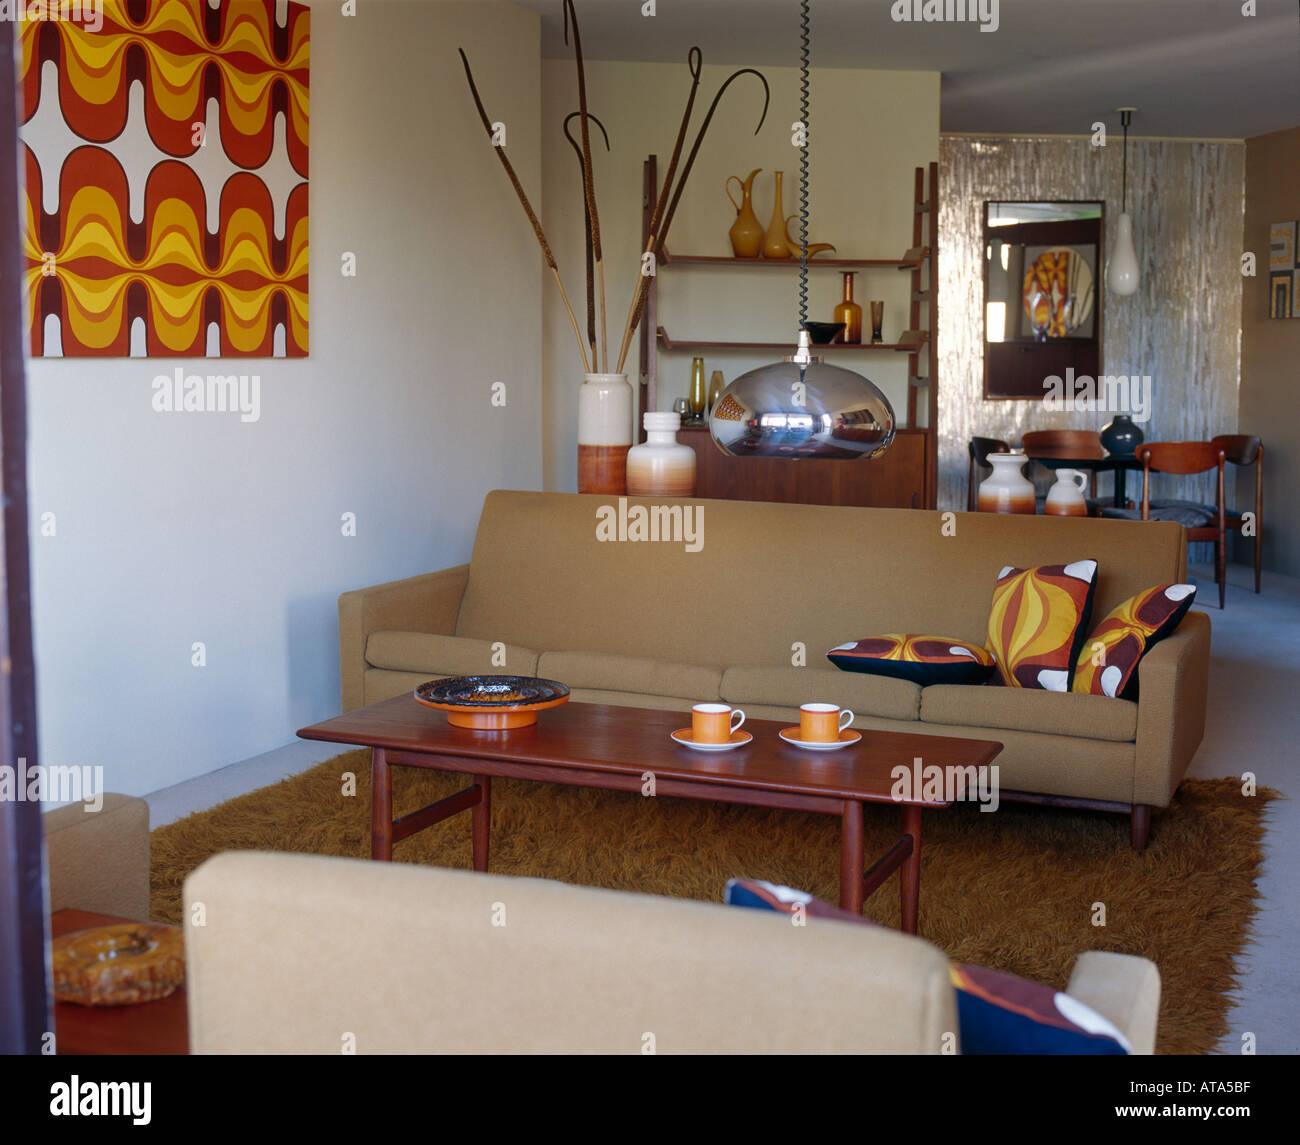 Casa de estilo retro na baía Elizabeth. Sala de estar com mesa de café e quatro lugares sofá. Imagens de Stock